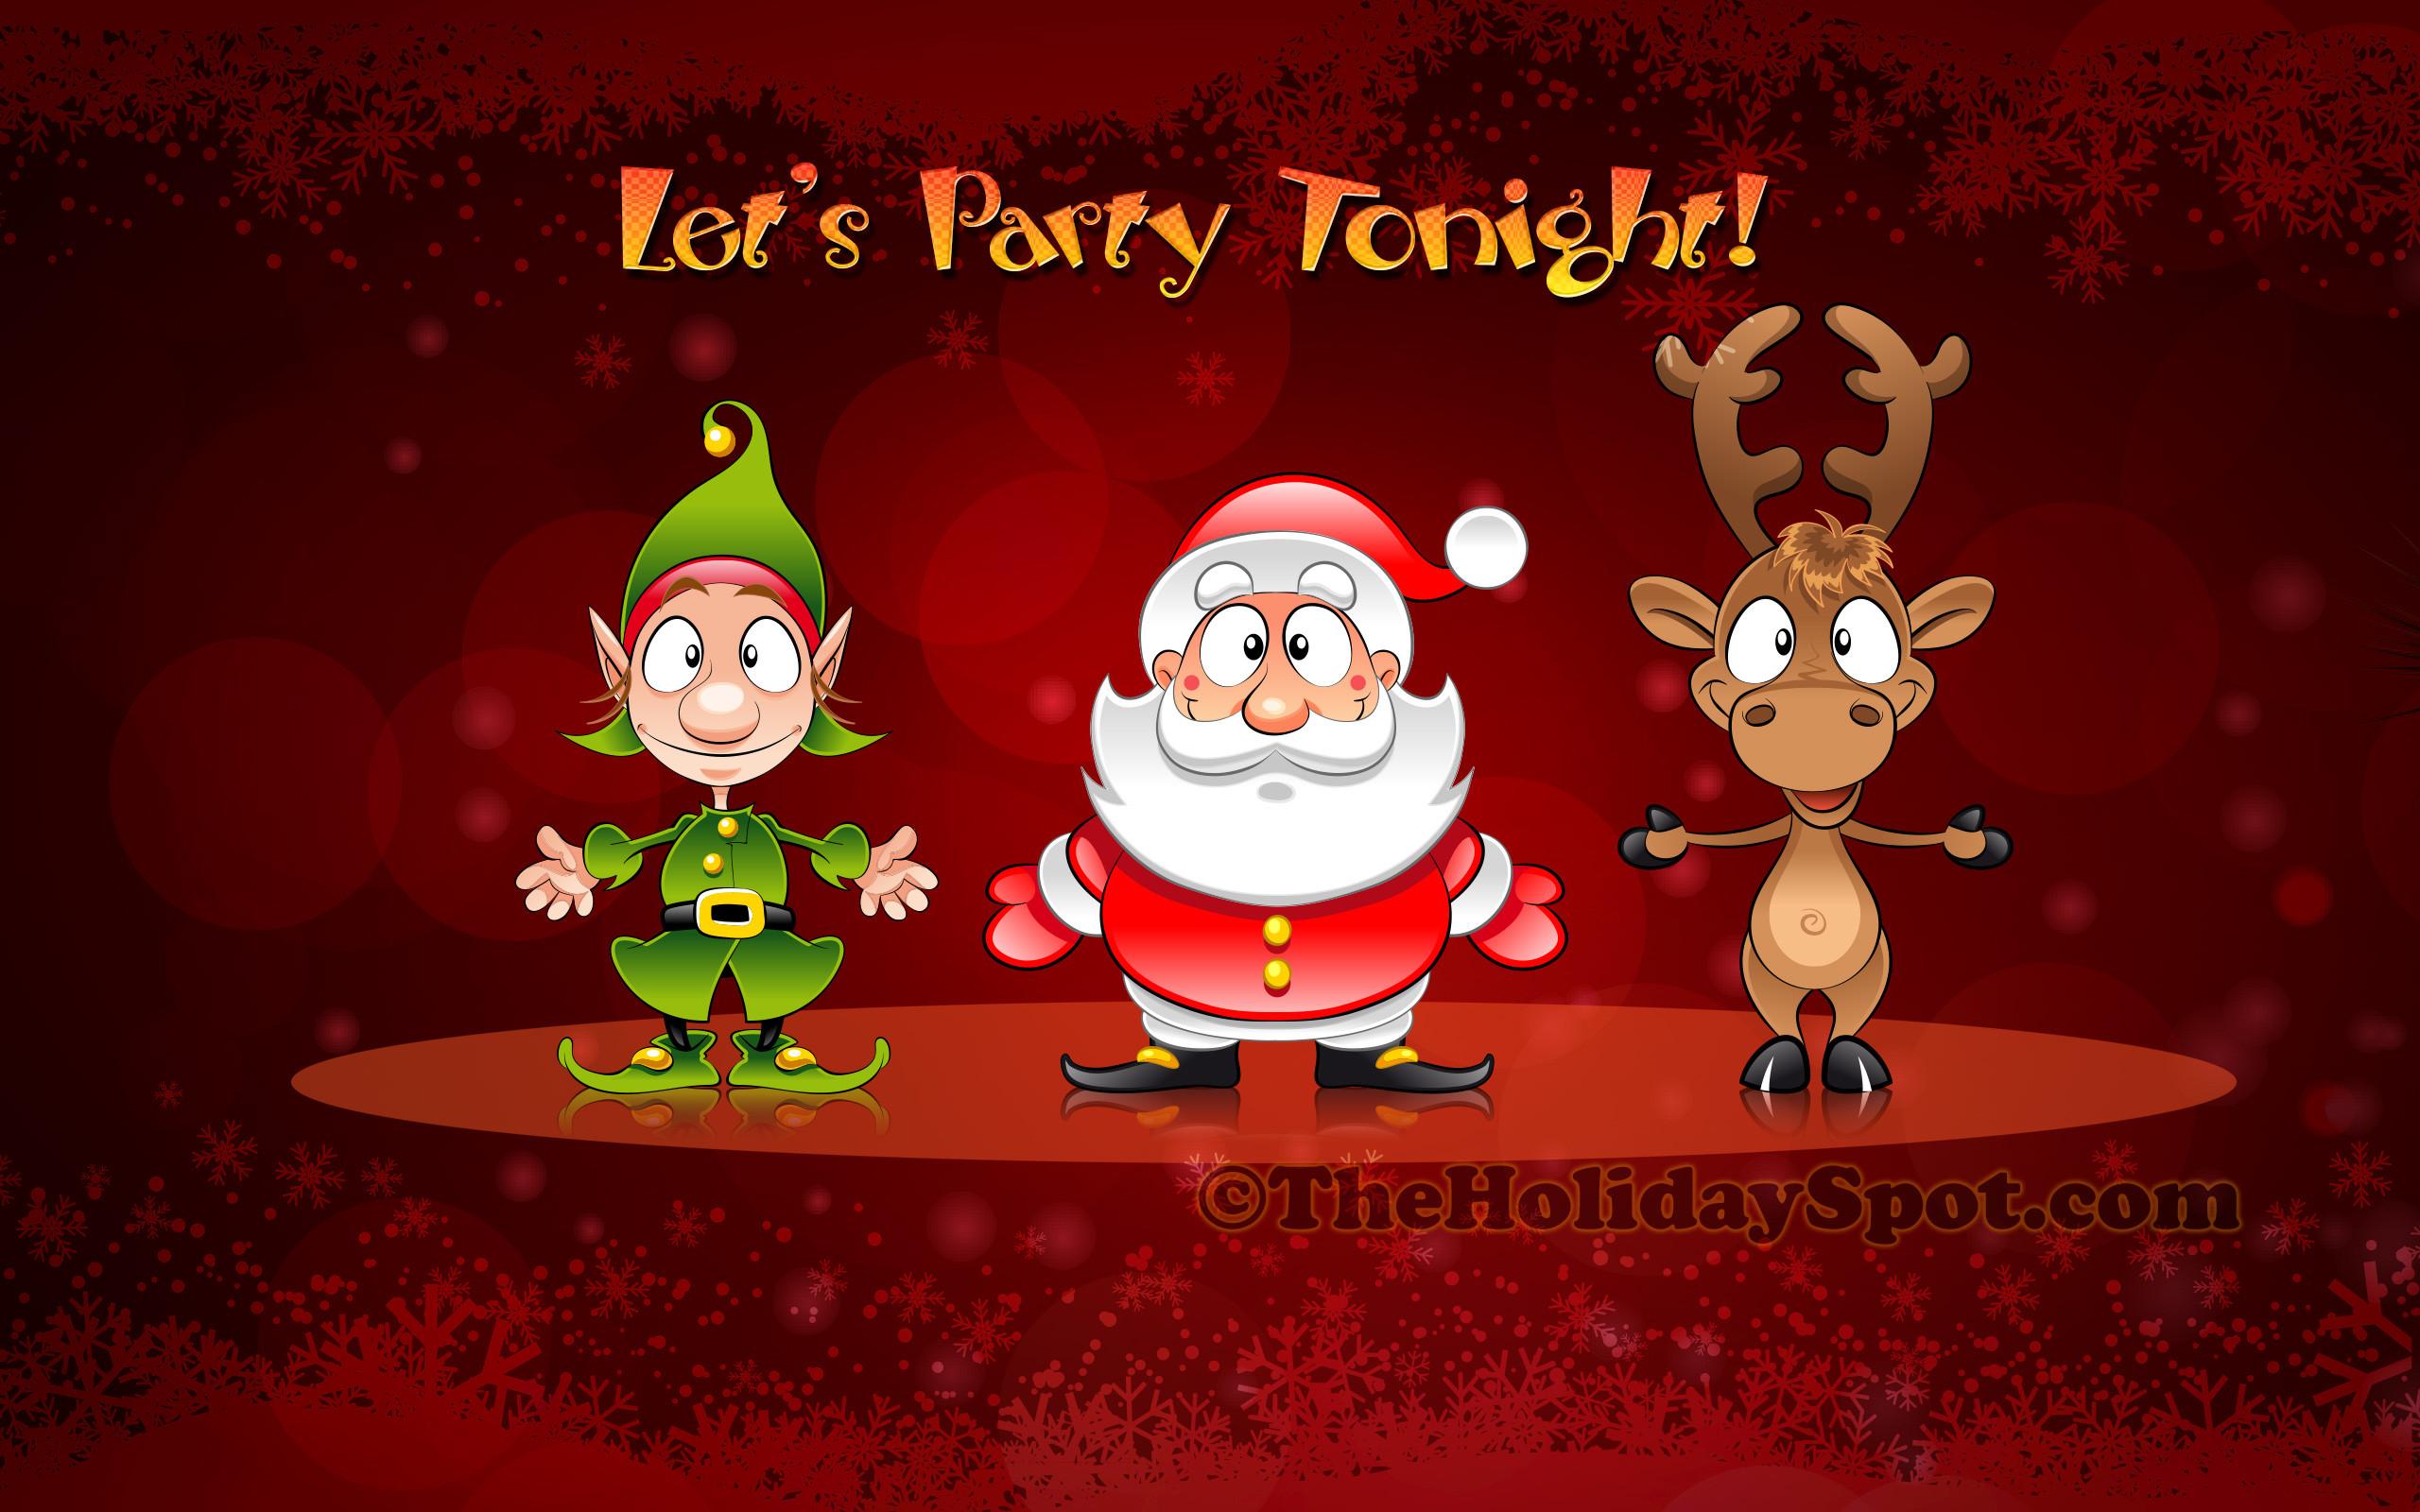 Christmas Wallpaper of Santa, Elve and Reindeer